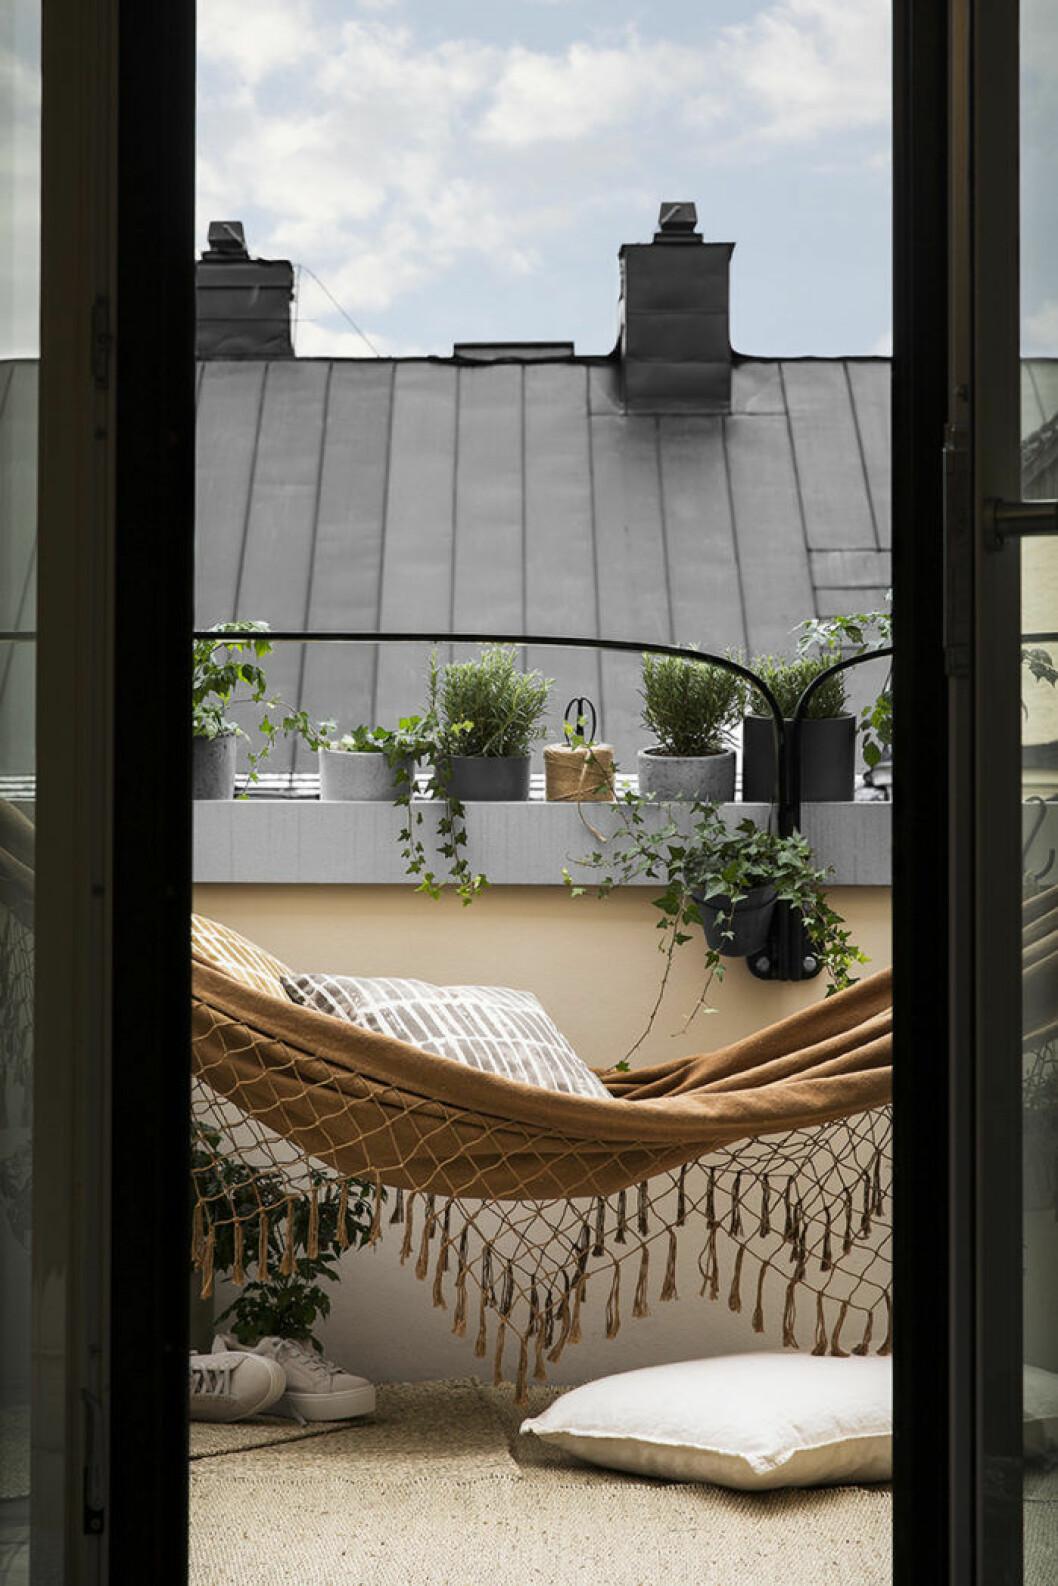 Hängmatta till balkongen, Granit våren 2018.